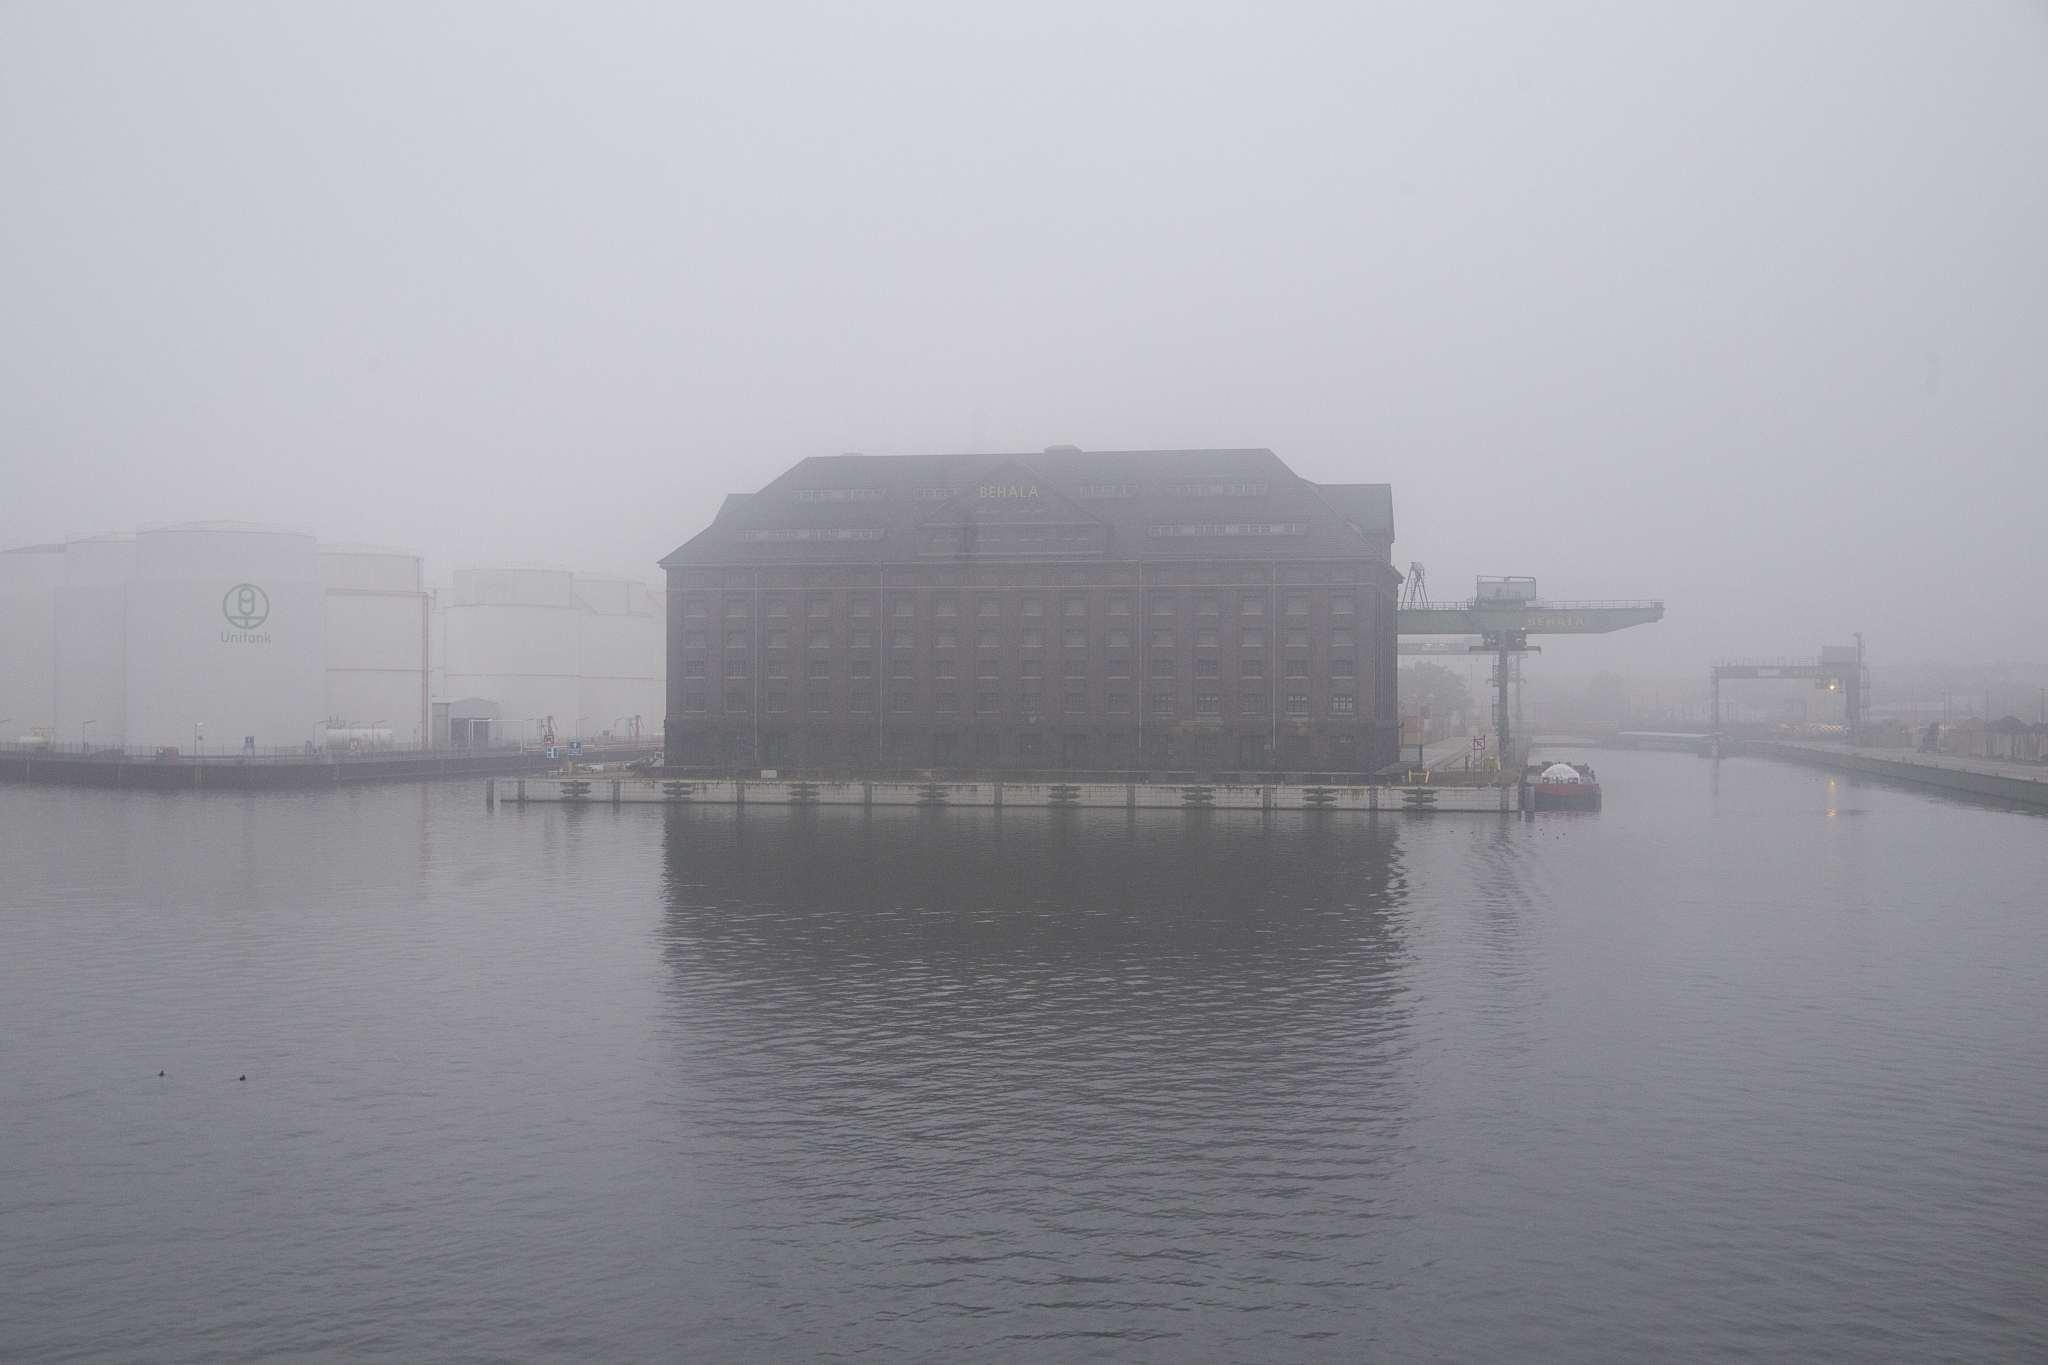 Misty warehouse